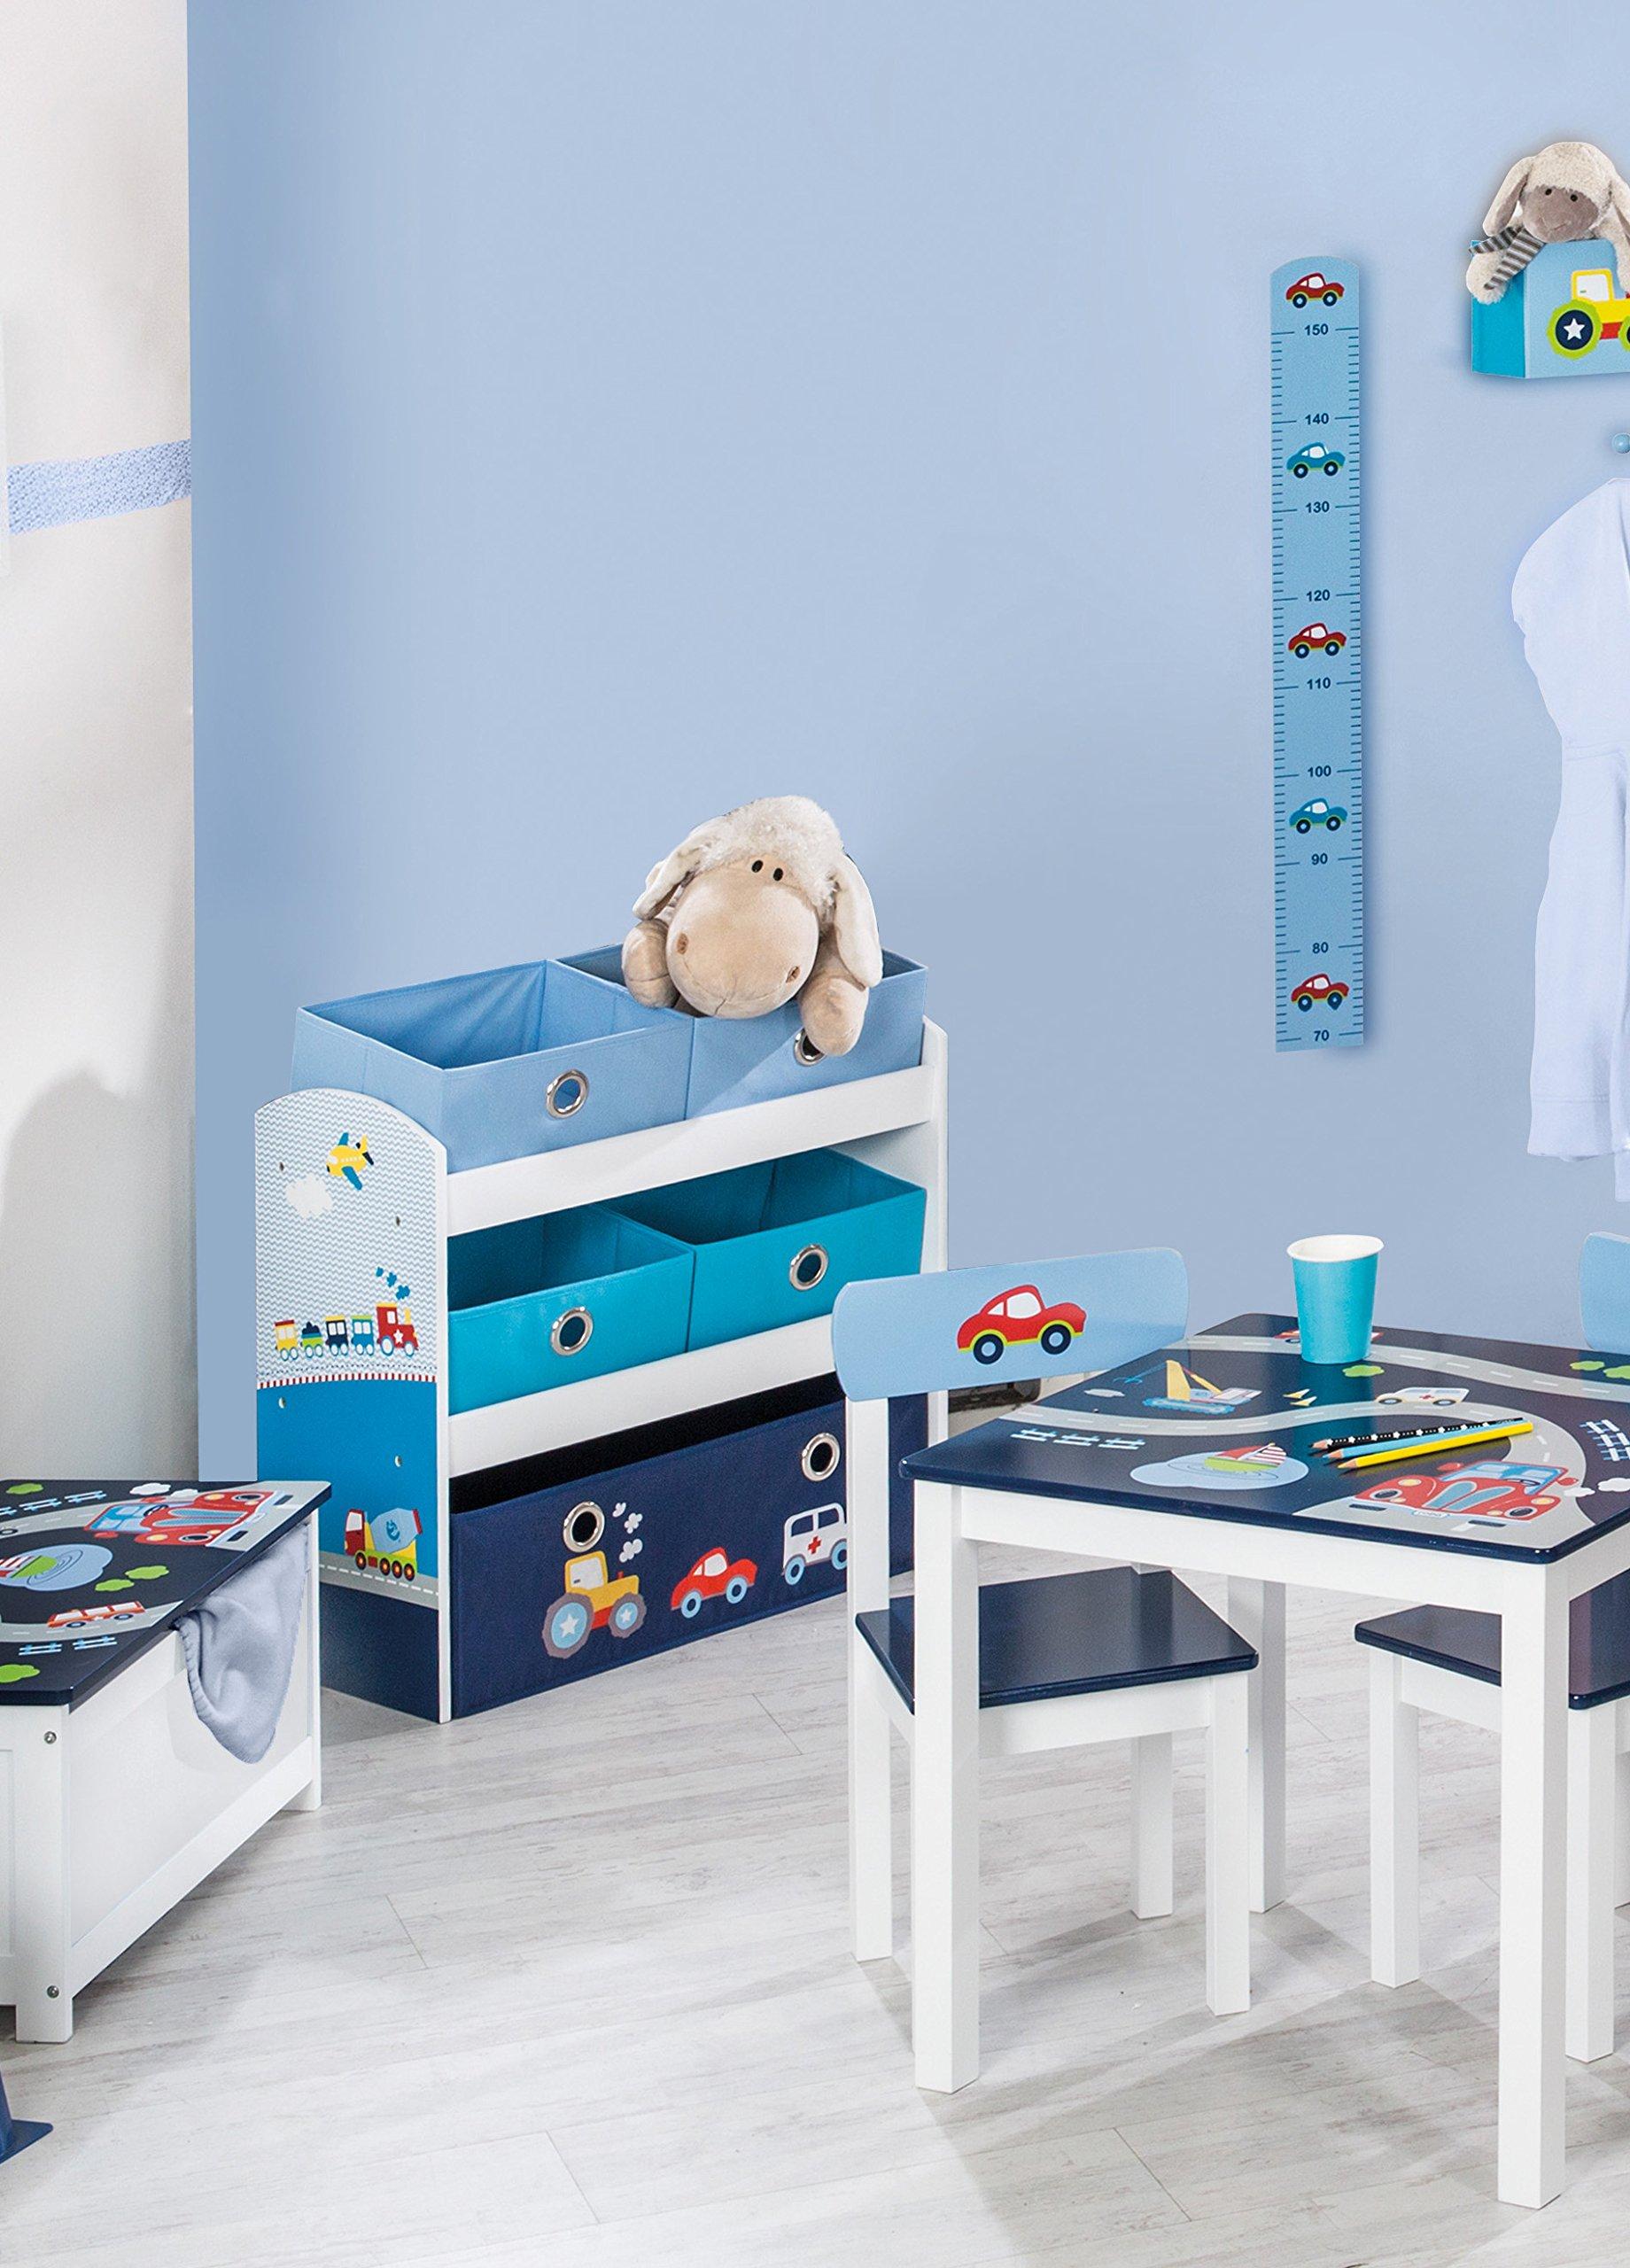 Roba Spielregal U0027Rennfahreru0027, Spielzeug  U0026 Aufbewahrungs Regal Fürs  Kinderzimmer, Inkl. 5 Stoffboxen M, Auto Blau